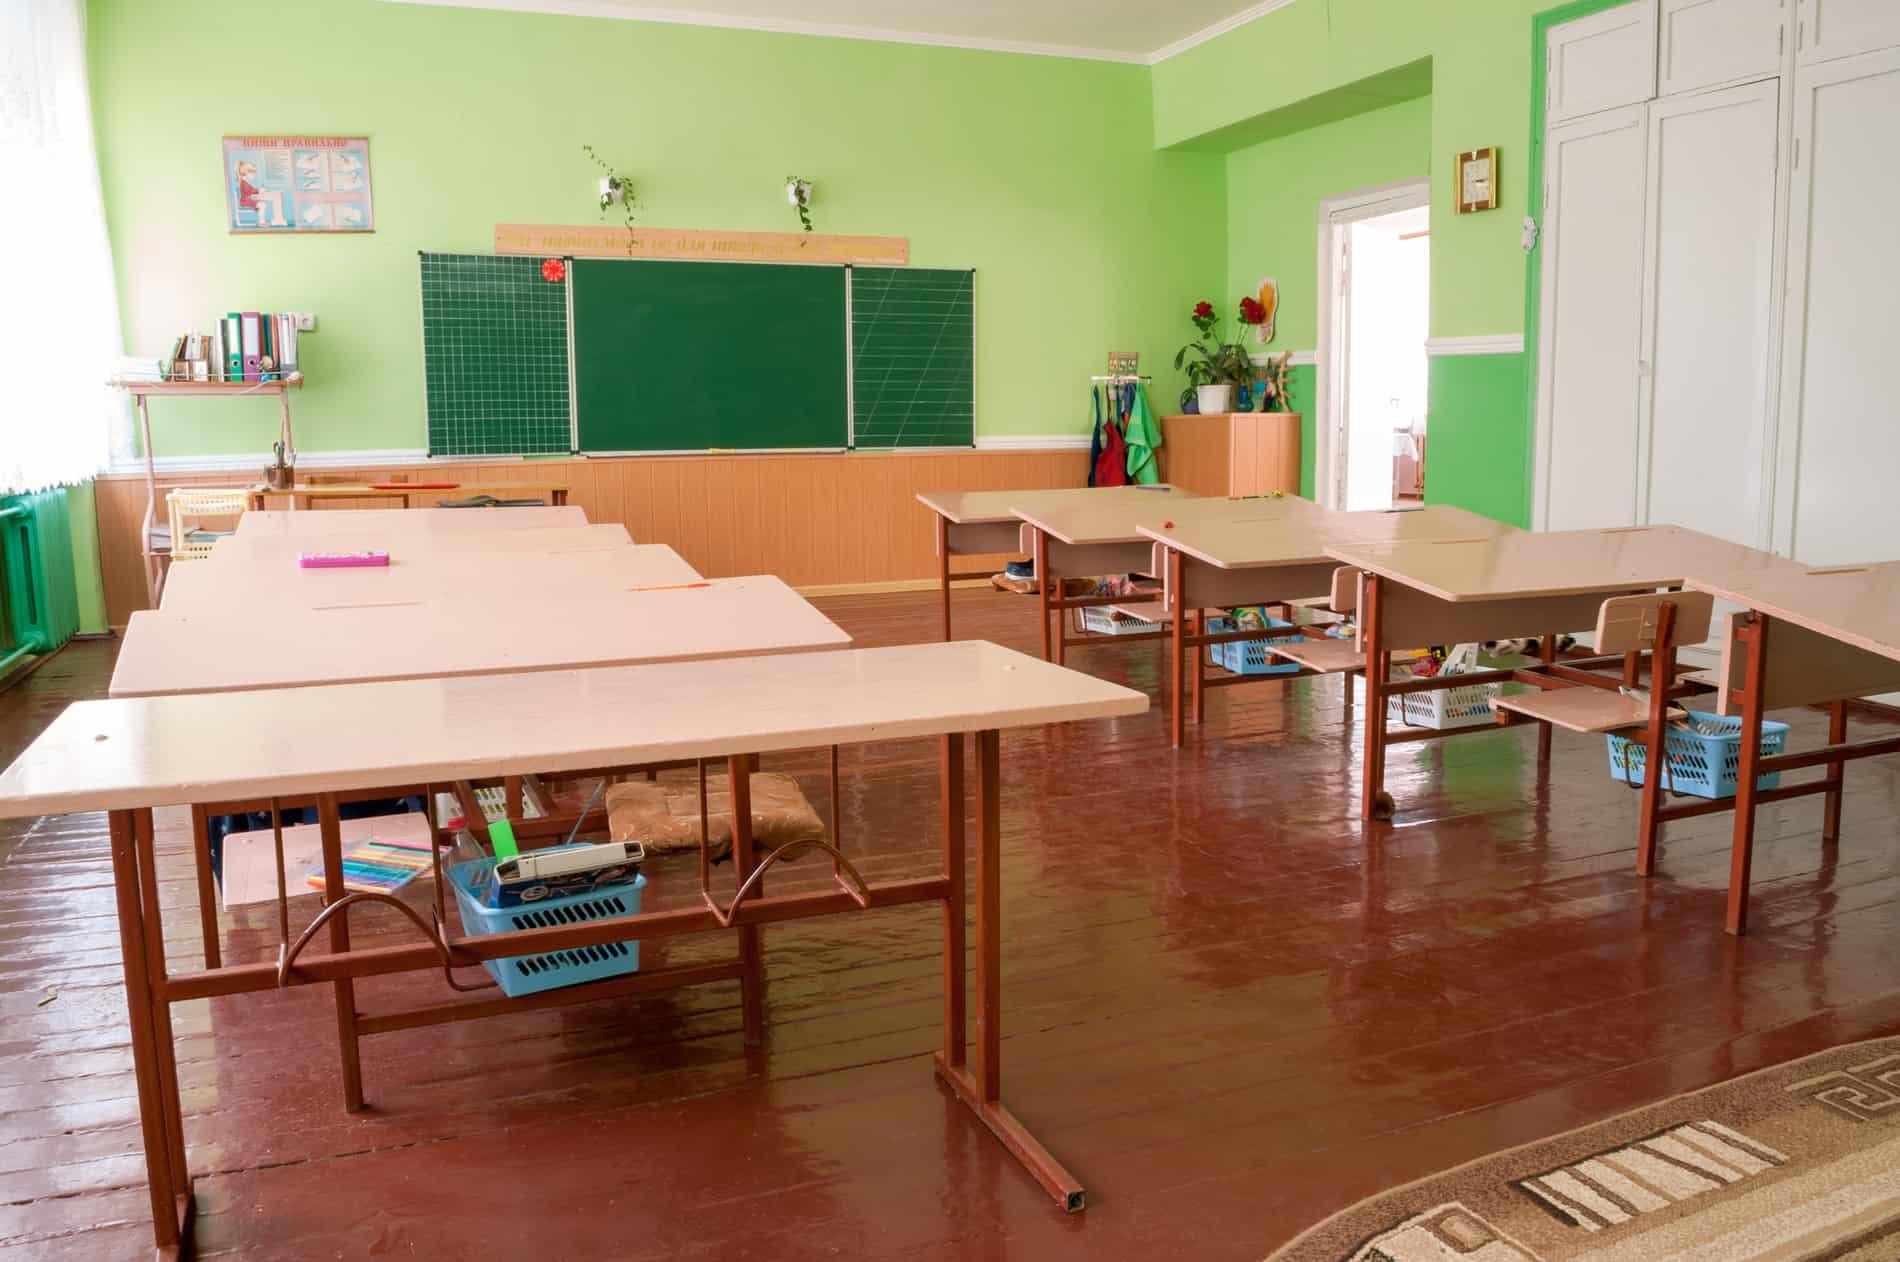 Oslobodenie od vzdelávania v zuŠ